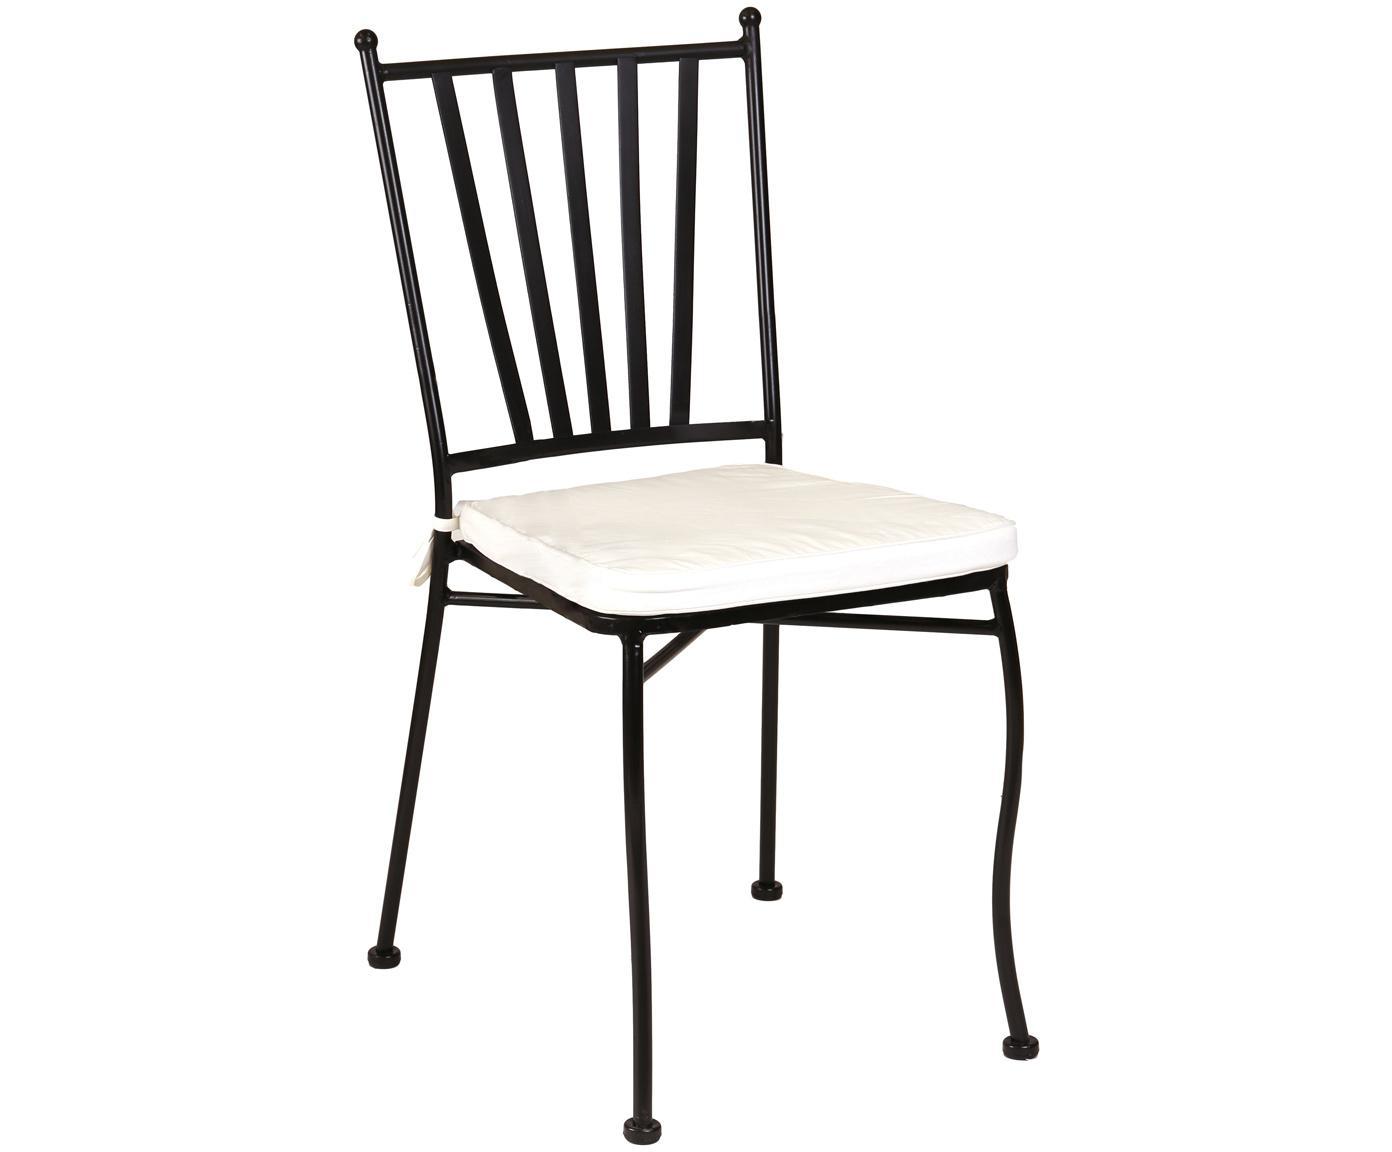 Sedia da giardino Helen, Struttura: metallo verniciato a polv, Rivestimento: poliestere, Nero, bianco, Larg. 41 x Prof. 53 cm